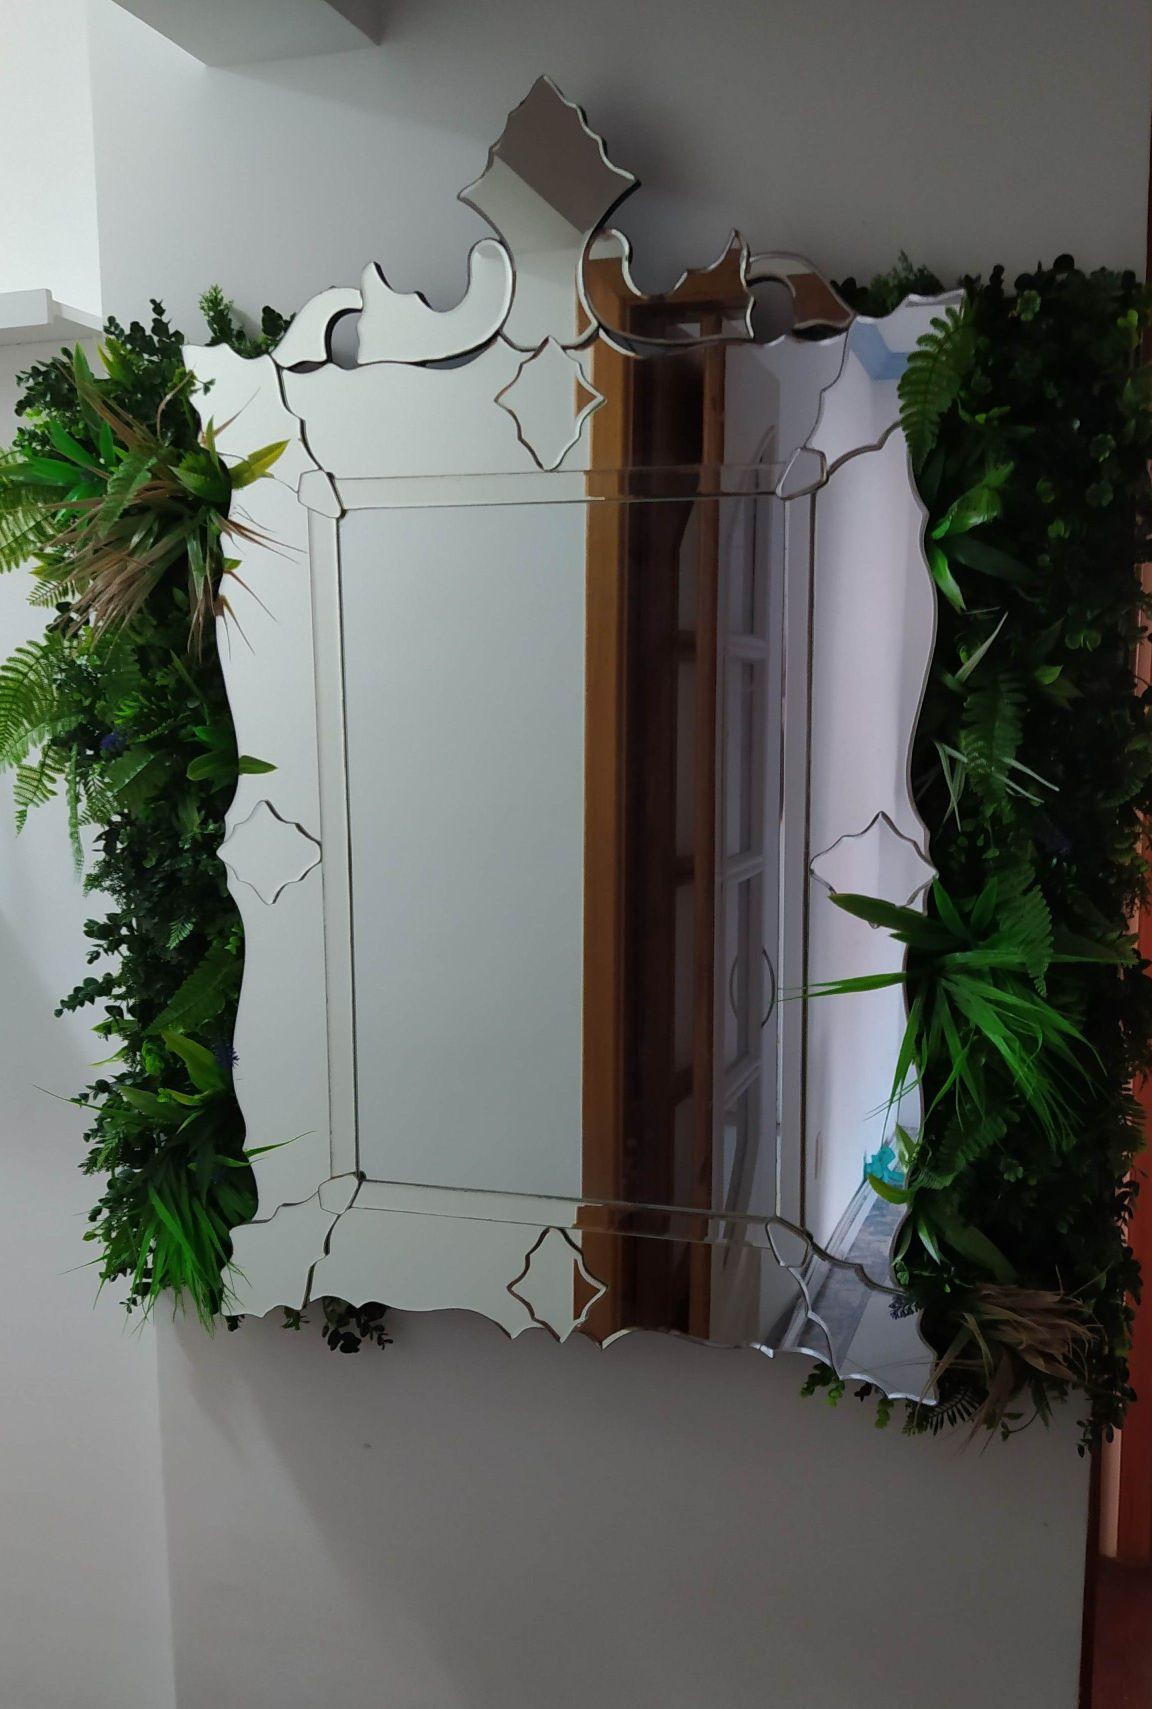 instalação espelho com grama artificial